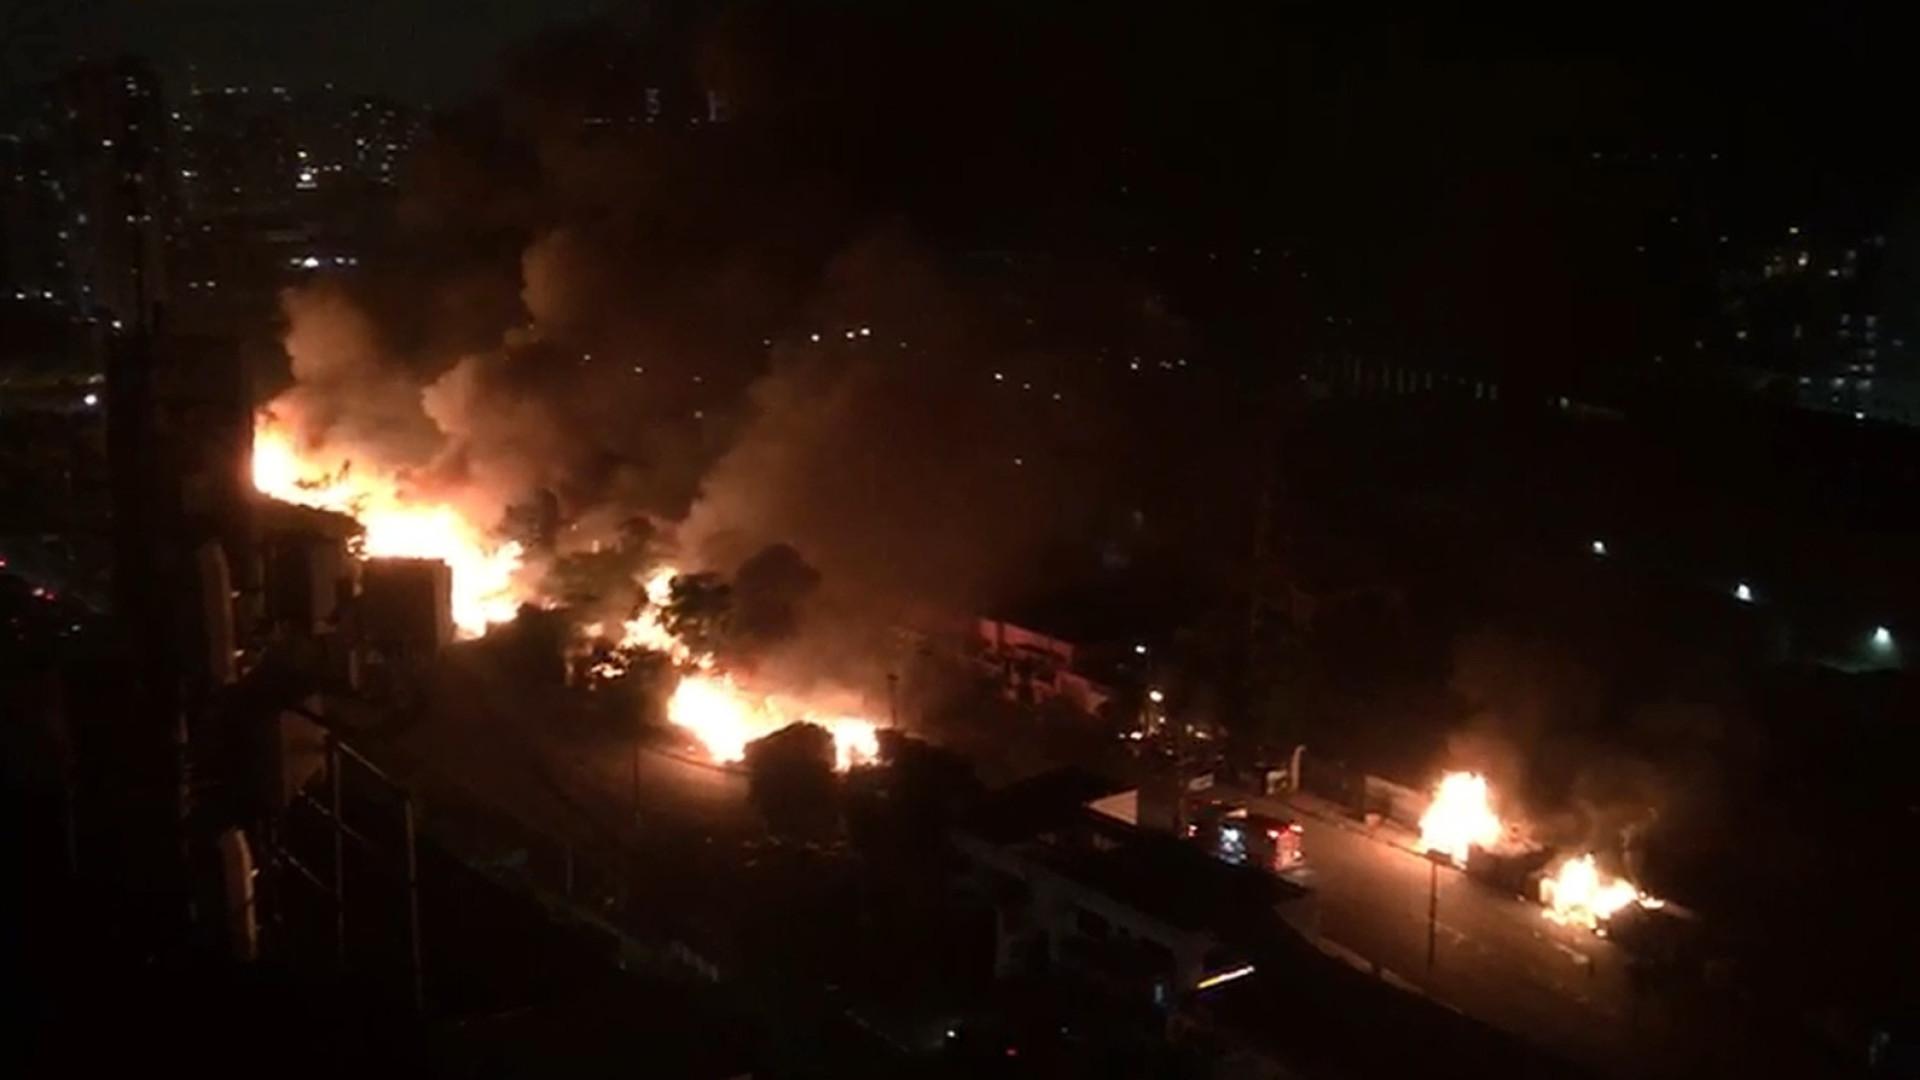 Polícia prende homem suspeito de incendiar favela na zona leste de SP